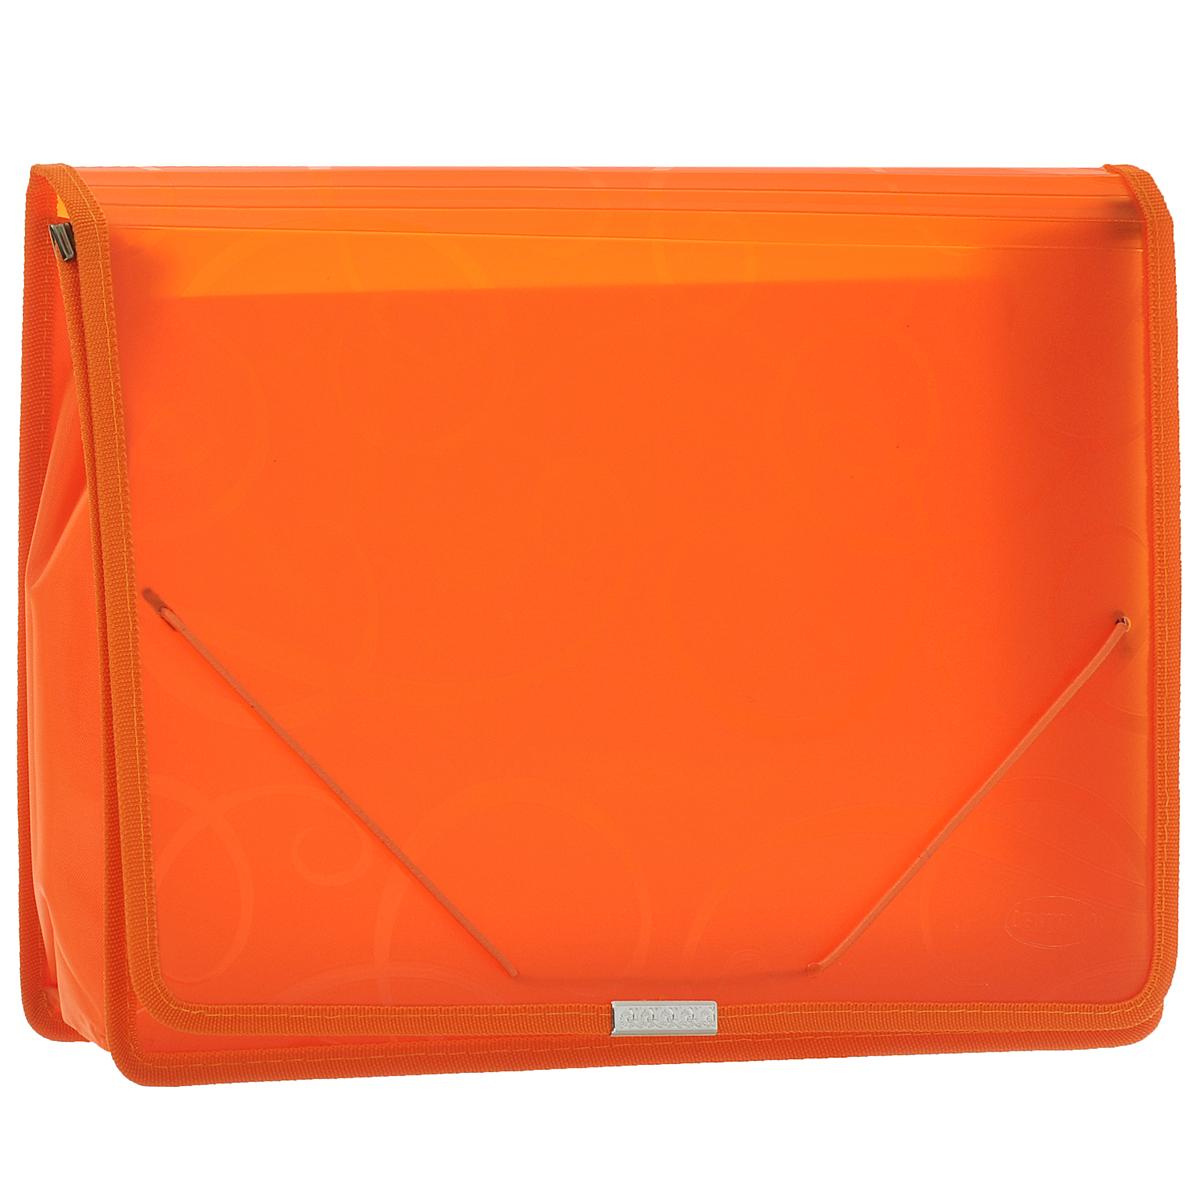 Папка-конверт на резинке Centrum, цвет: оранжевый. Формат А4. 80802226479Папка-конверт на резинке Centrum - это удобный и функциональный офисный инструмент, предназначенный для хранения итранспортировки рабочих бумаг и документов формата А4.Папка с двойной угловой фиксацией резиновой лентой изготовлена из износостойкого полупрозрачного полипропилена. Внутри папка имеет одно объемное отделение повышенной вместимости и 2 прозрачных открытых кармашка. Грани папки отделаны полиэстером, что обеспечивает дополнительную прочность и опрятный вид папки. Клапан украшен декоративным металлическим элементом. Папка оформлена тиснением в виде абстрактного орнамента.Папка - это незаменимый атрибут для студента, школьника, офисного работника. Такая папка надежно сохранит ваши документы исбережет их от повреждений, пыли и влаги.